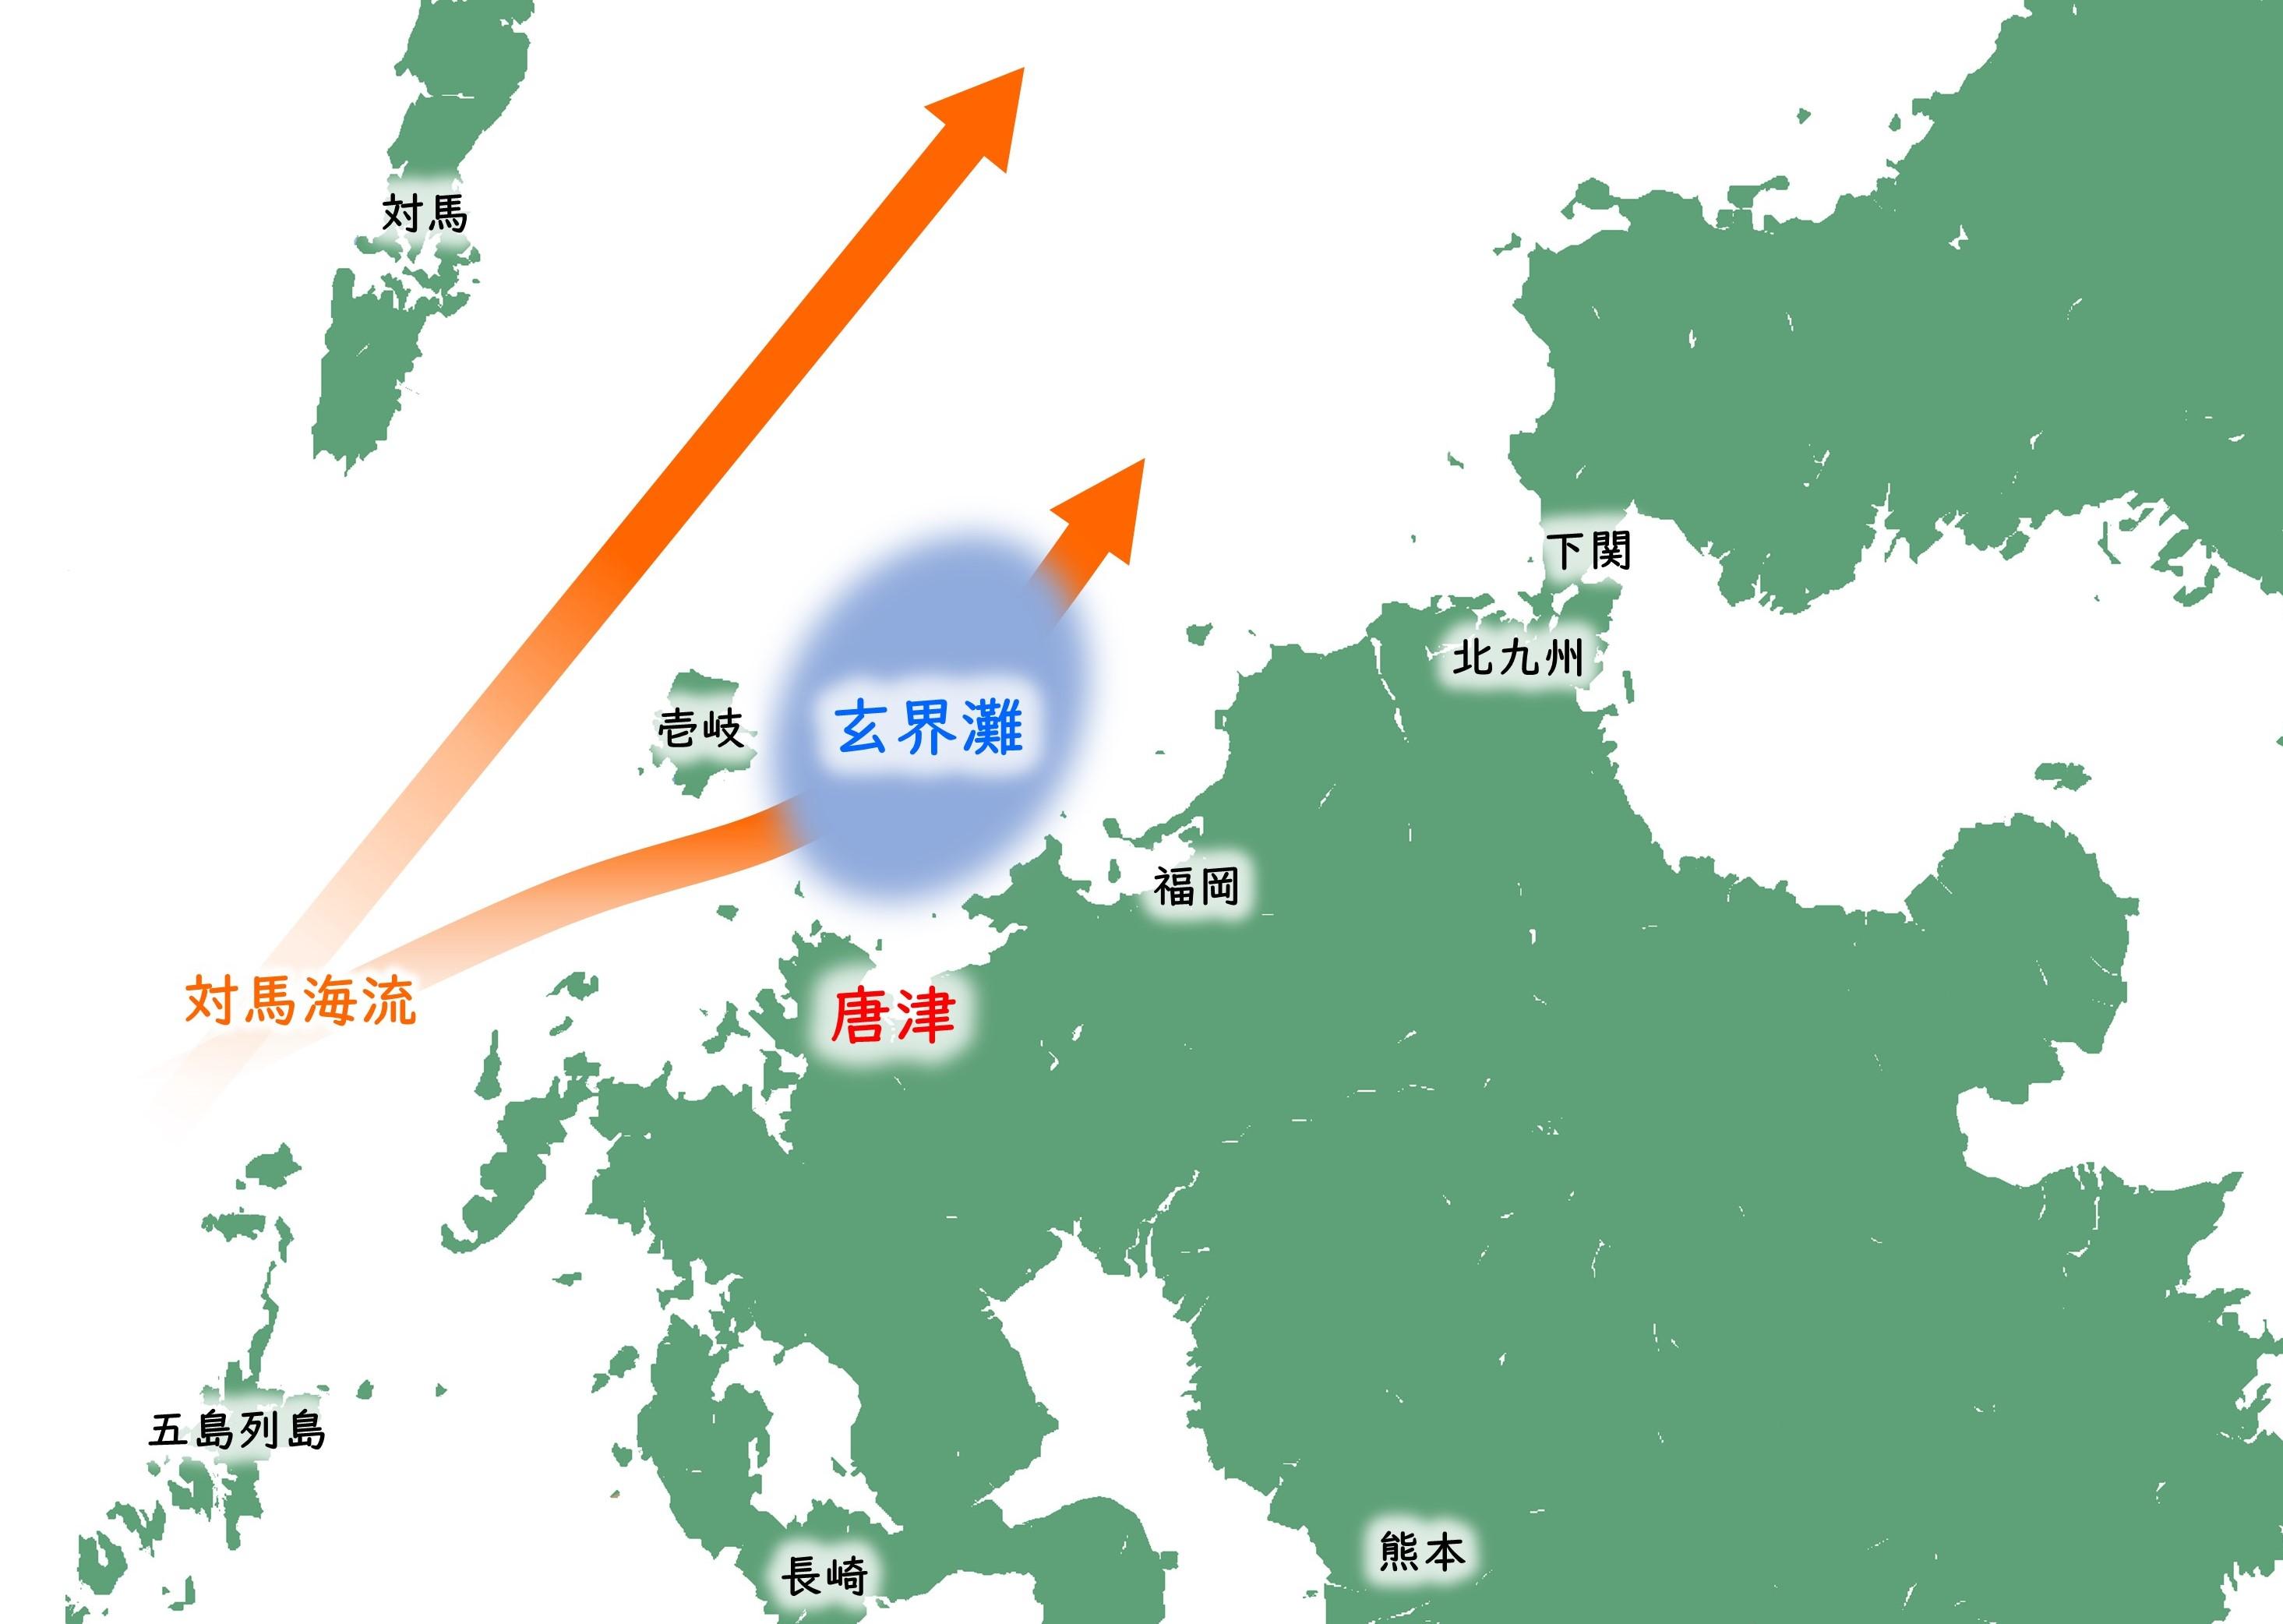 日本料理を生み出す海を知っていますか?美味を生み出す唐津の海「玄界灘(げんかいなだ)」